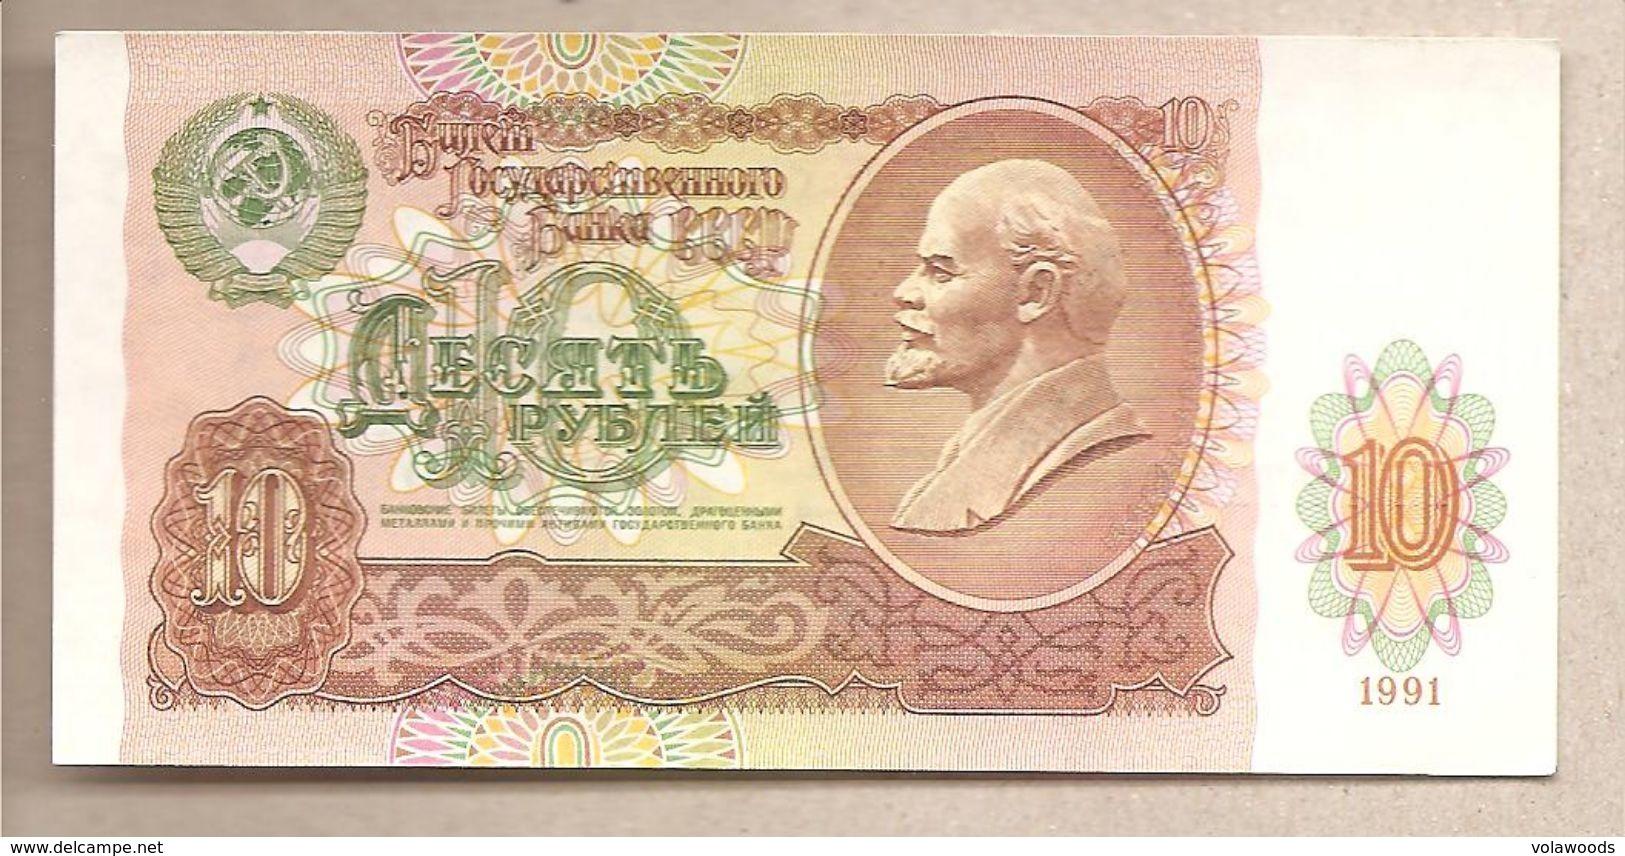 URSS - Banconota Non Circolata FdS Da 10 Rubli P-240a - 1991 - Russia